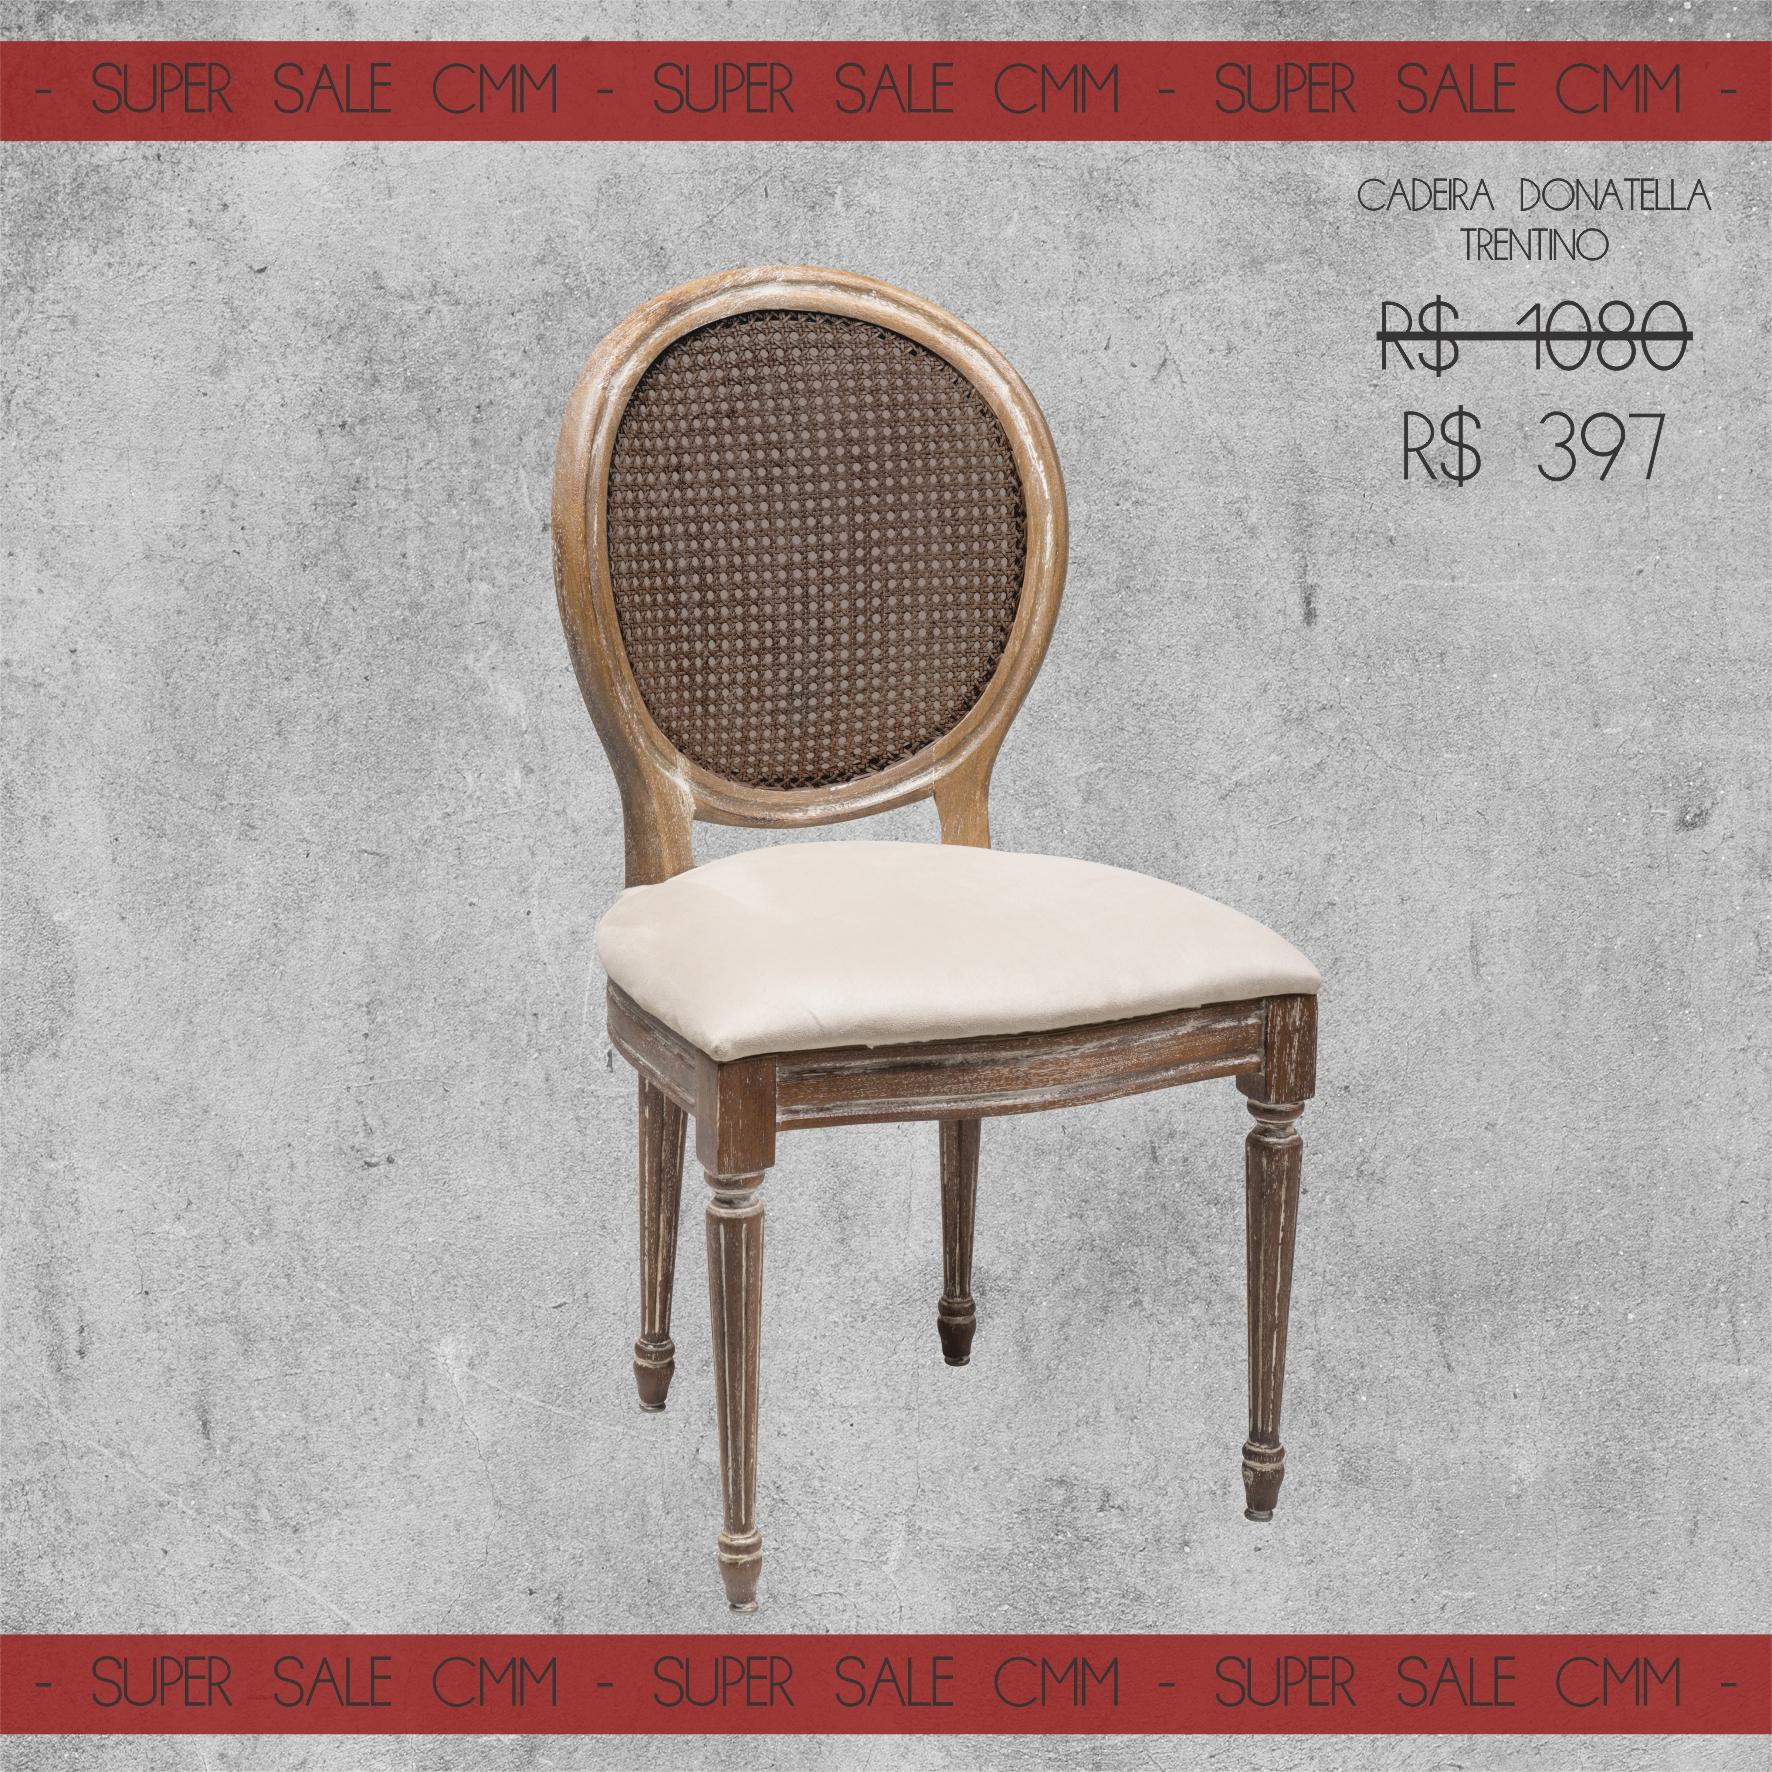 Super Sale Cadeira Donatella Trentino